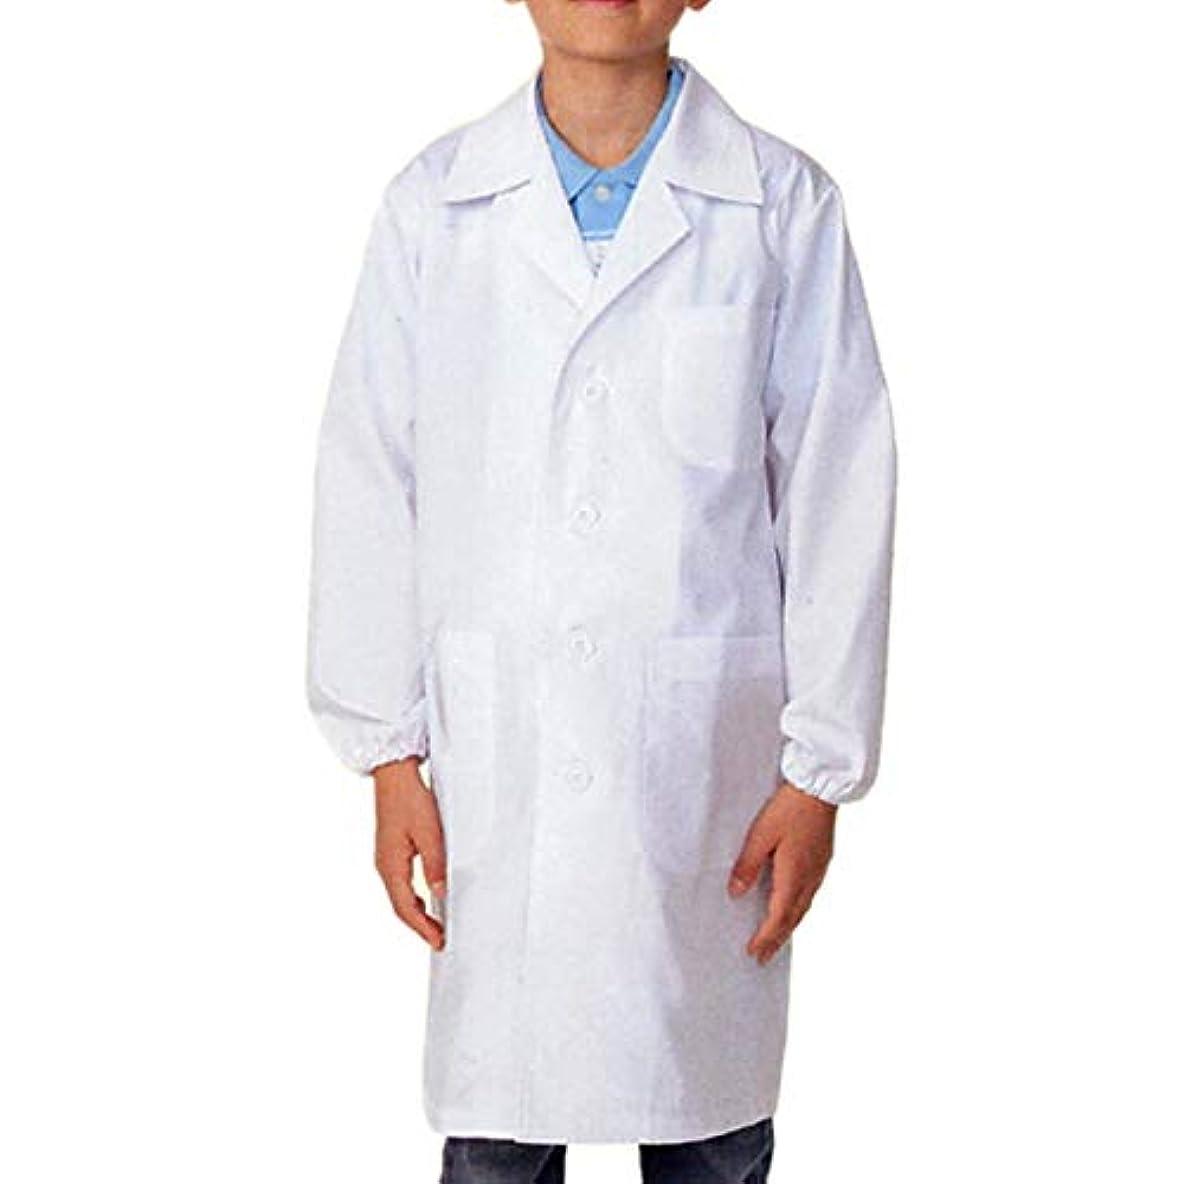 抽象化感性説教する白衣 児童 子供 小学生用 シングル 診察衣 実験衣 医療白衣 OP-121